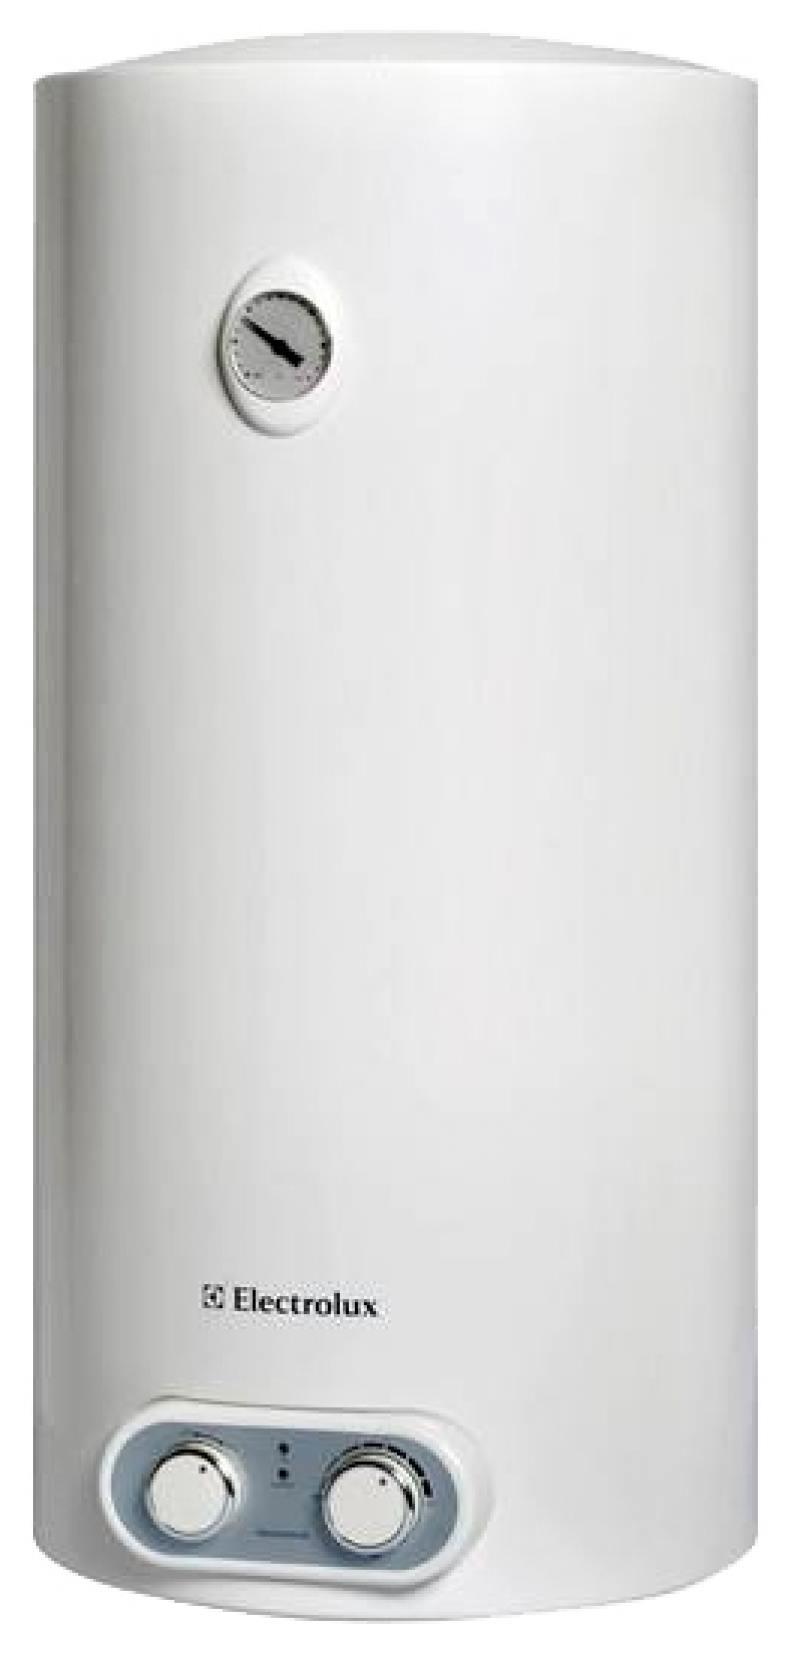 Водонагреватель накопительный Electrolux EWH 30 Magnum Slim Unifix водонагреватель накопительный electrolux ewh 80 magnum slim unifix